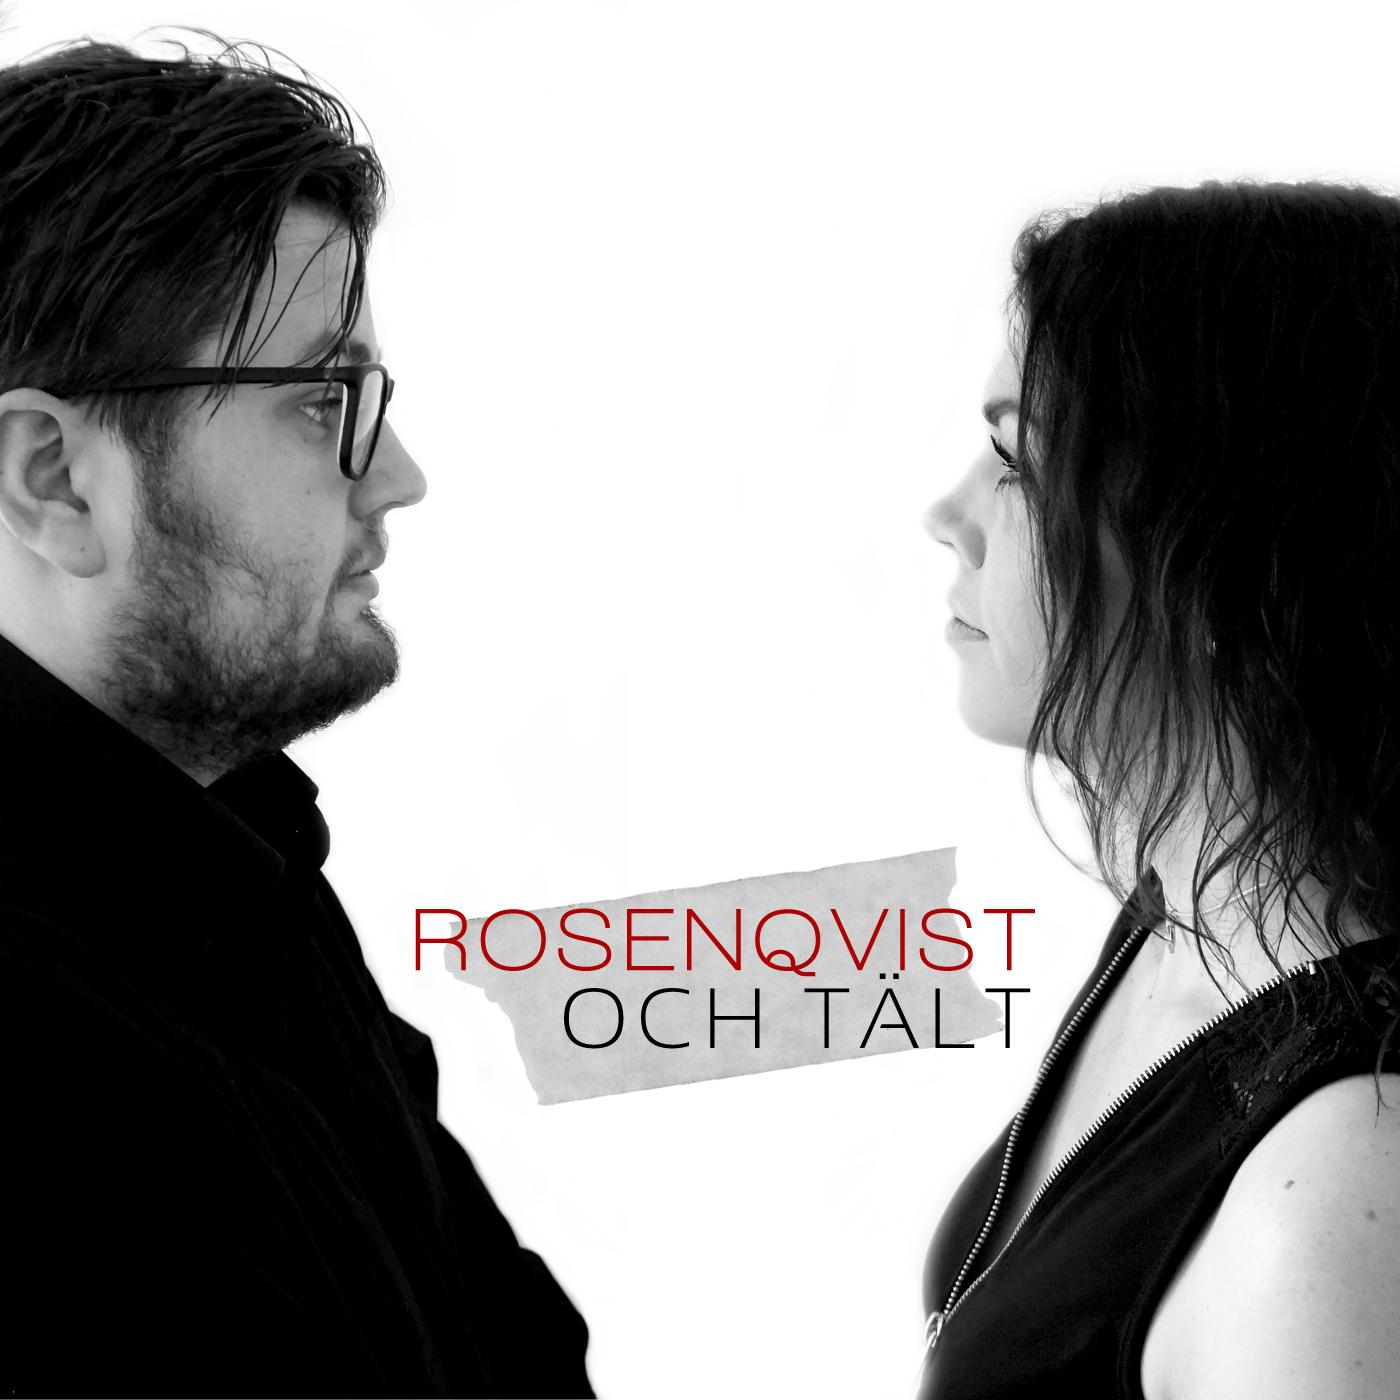 Rosenqvist och Tält